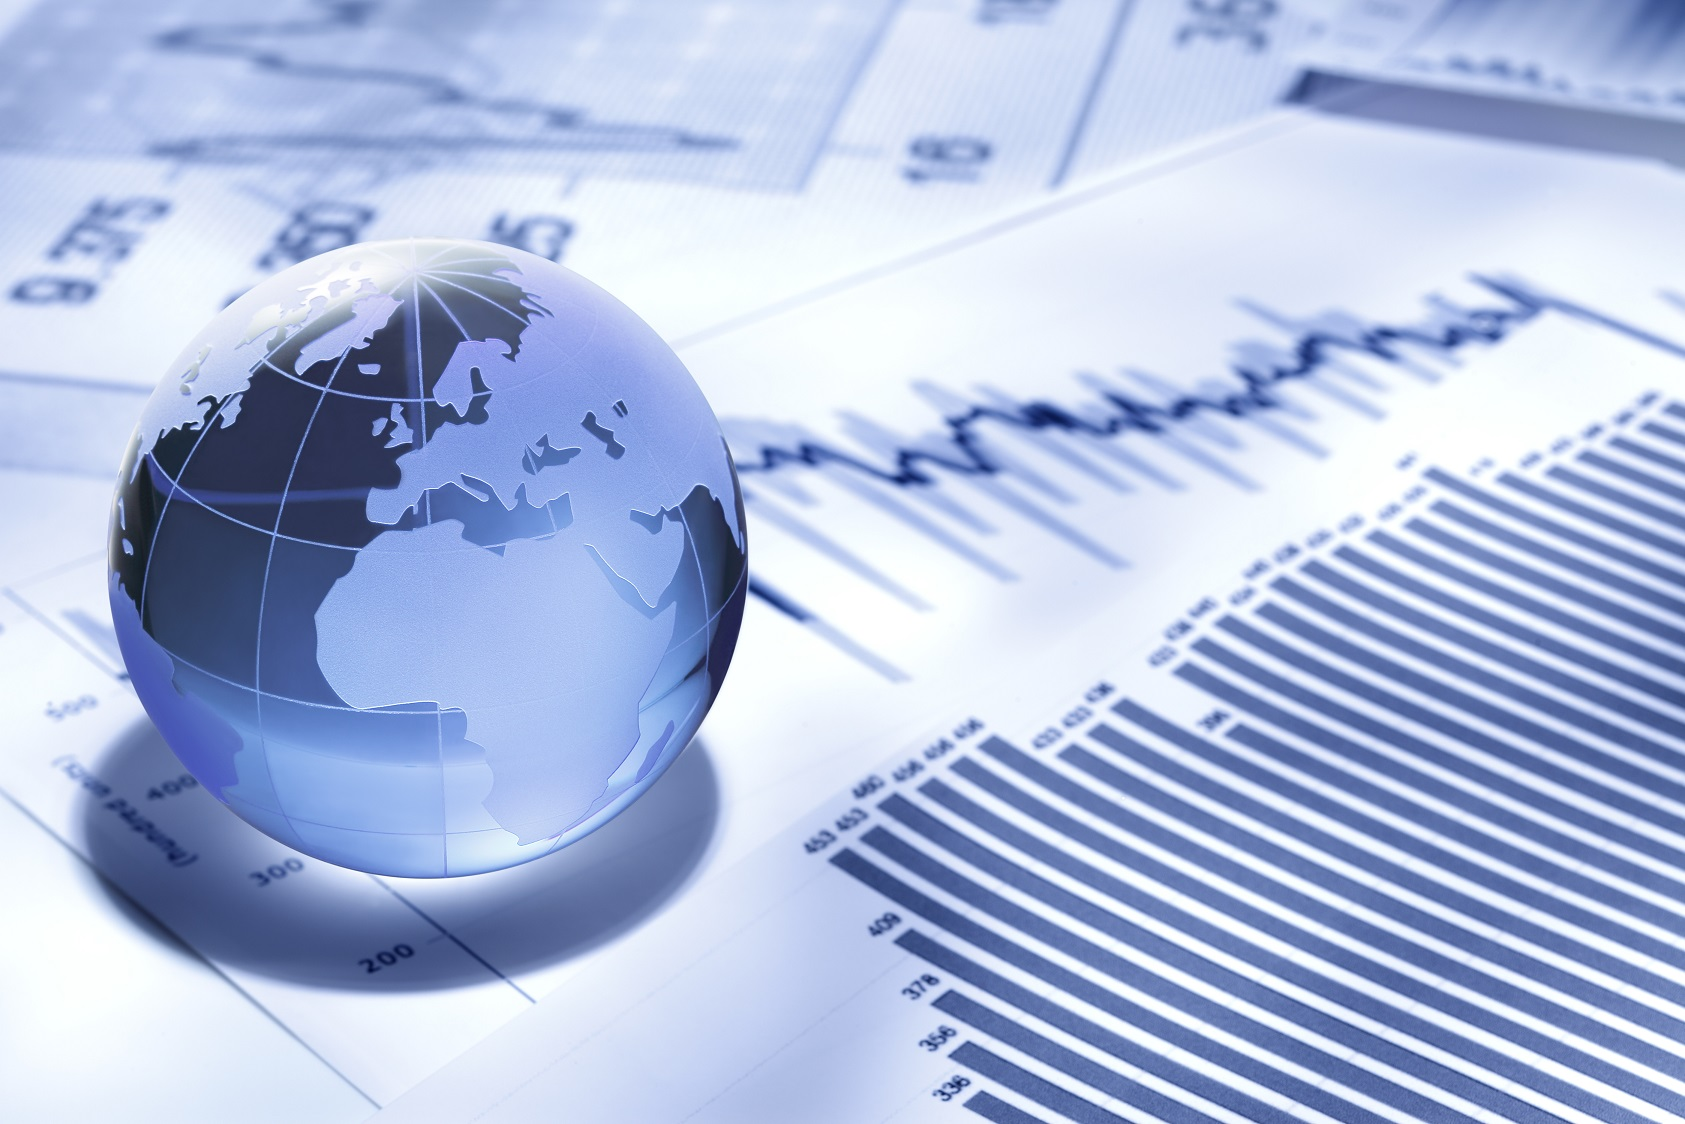 なぜ「株式投資」で勝つ人、負ける人がいるのか?①